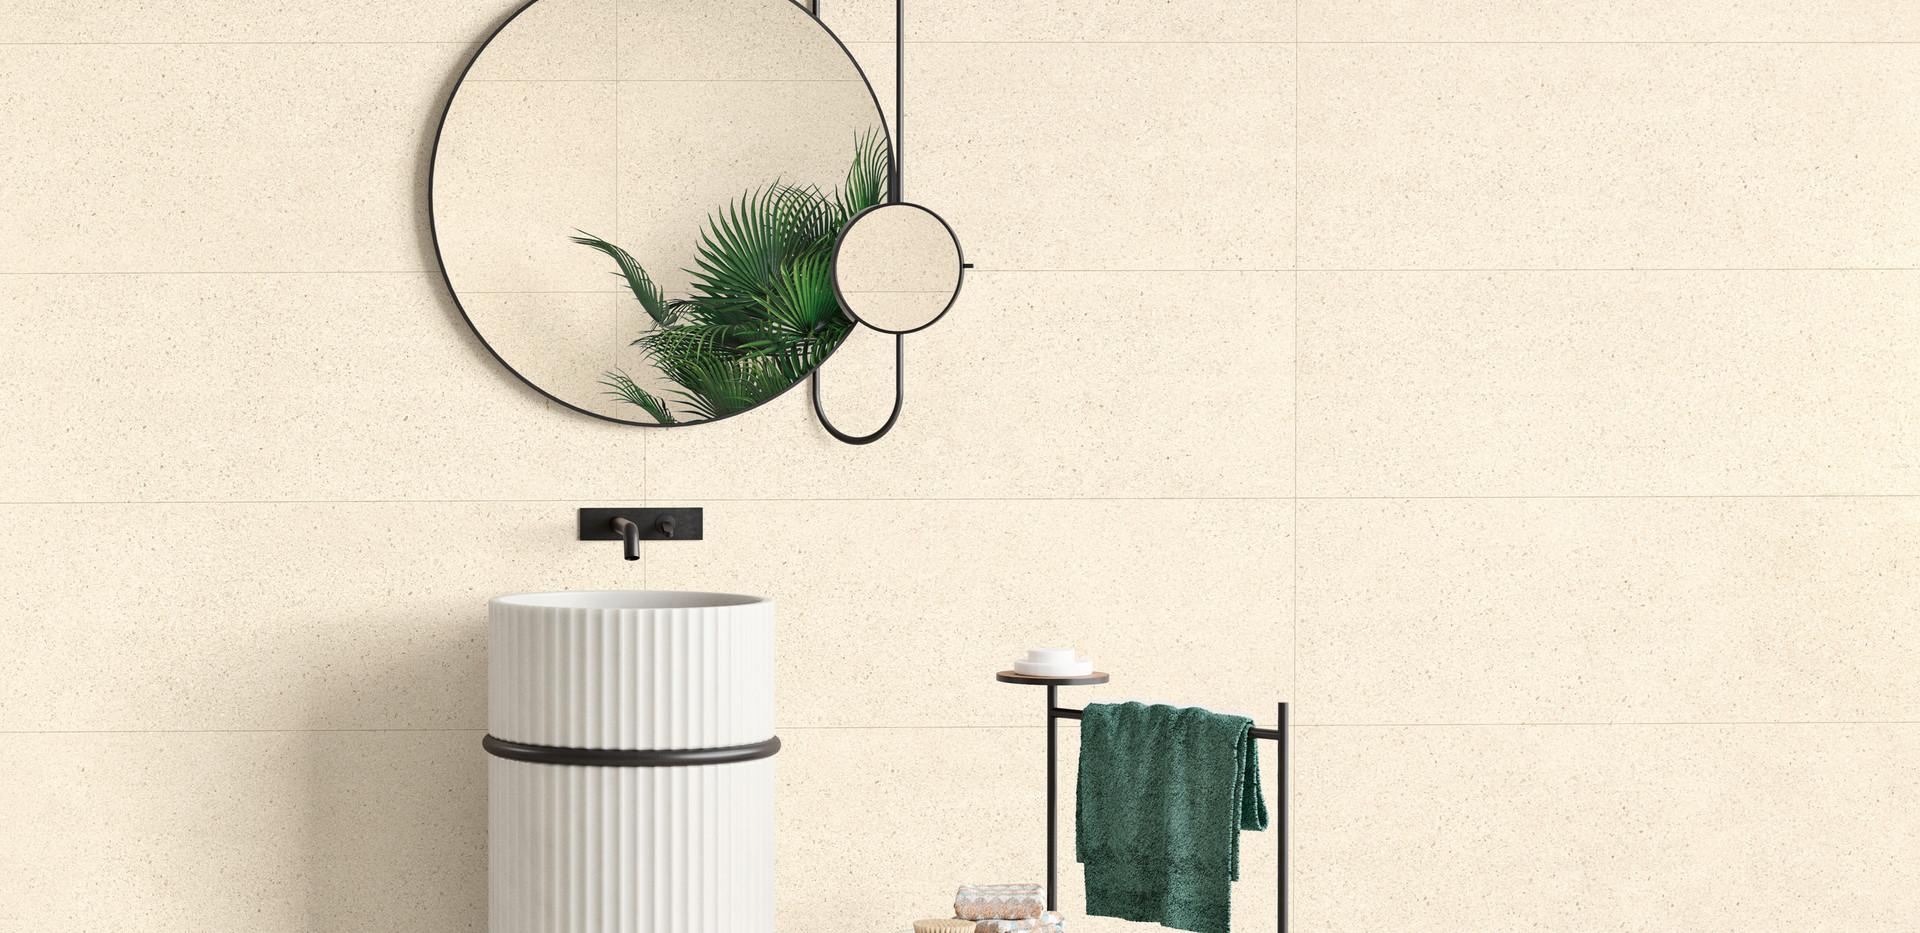 Stark_Bathroom_B615-0044-001_24x24_14x39